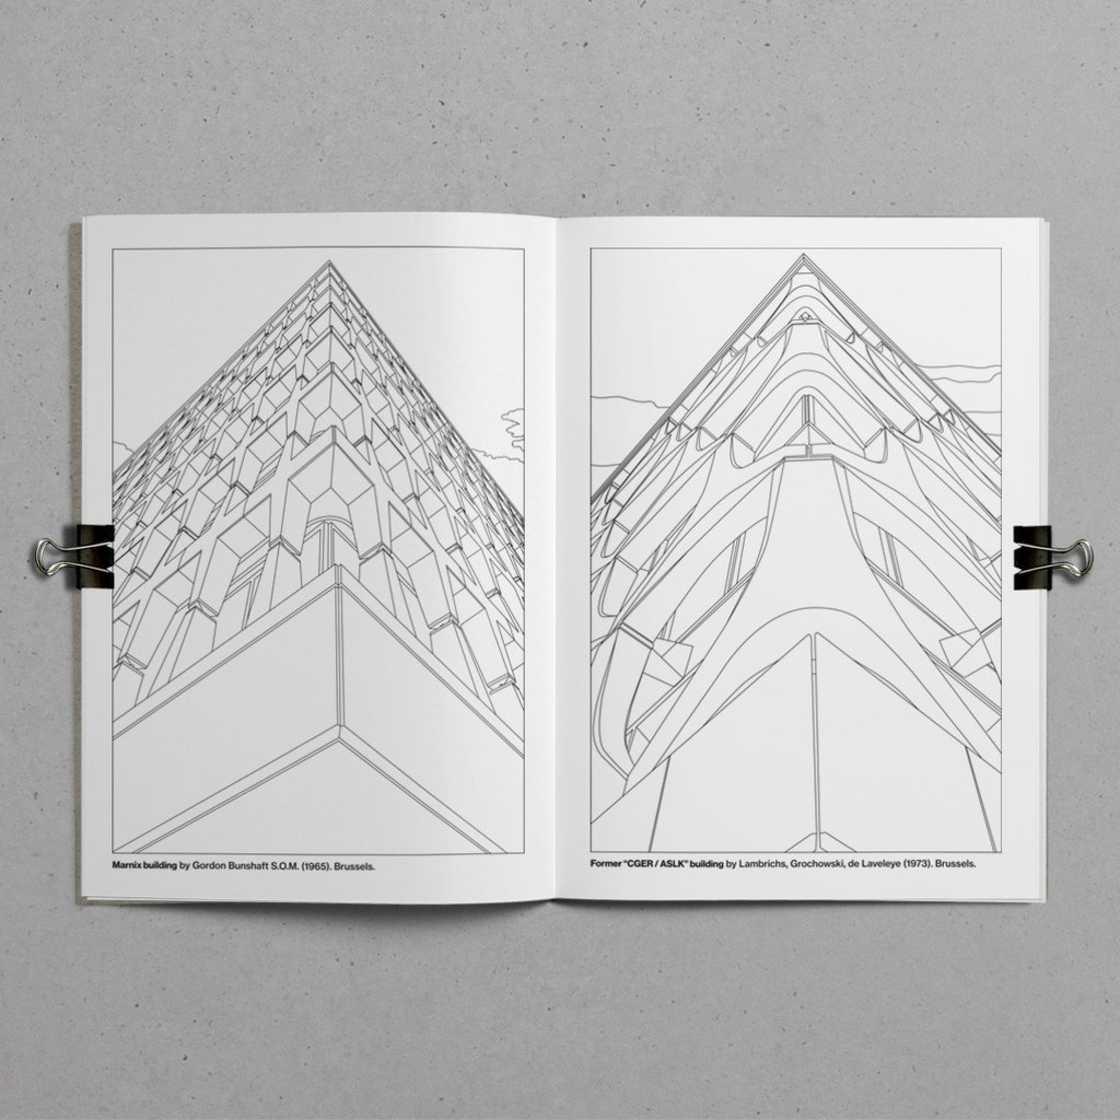 Brutalist Colouring Book - Le livre de coloriage de l'architecture brutaliste